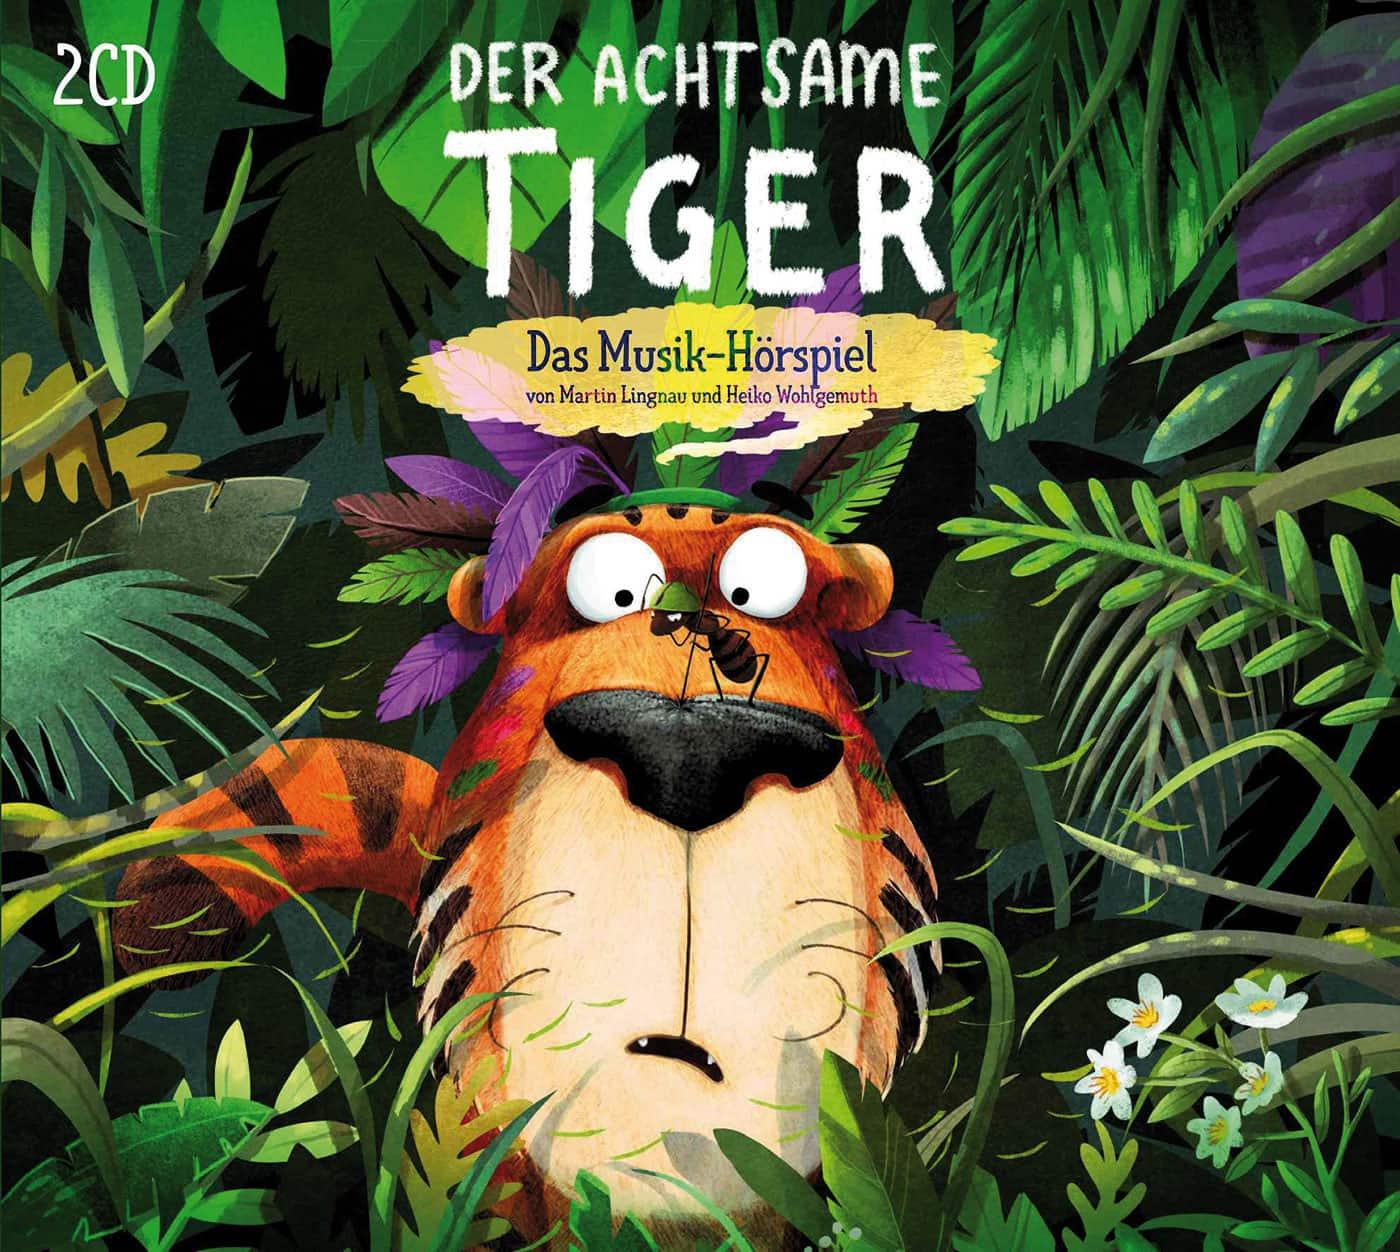 Hörspiel-Tipp für Kinder: Der achtsame Tiger // HIMBEER